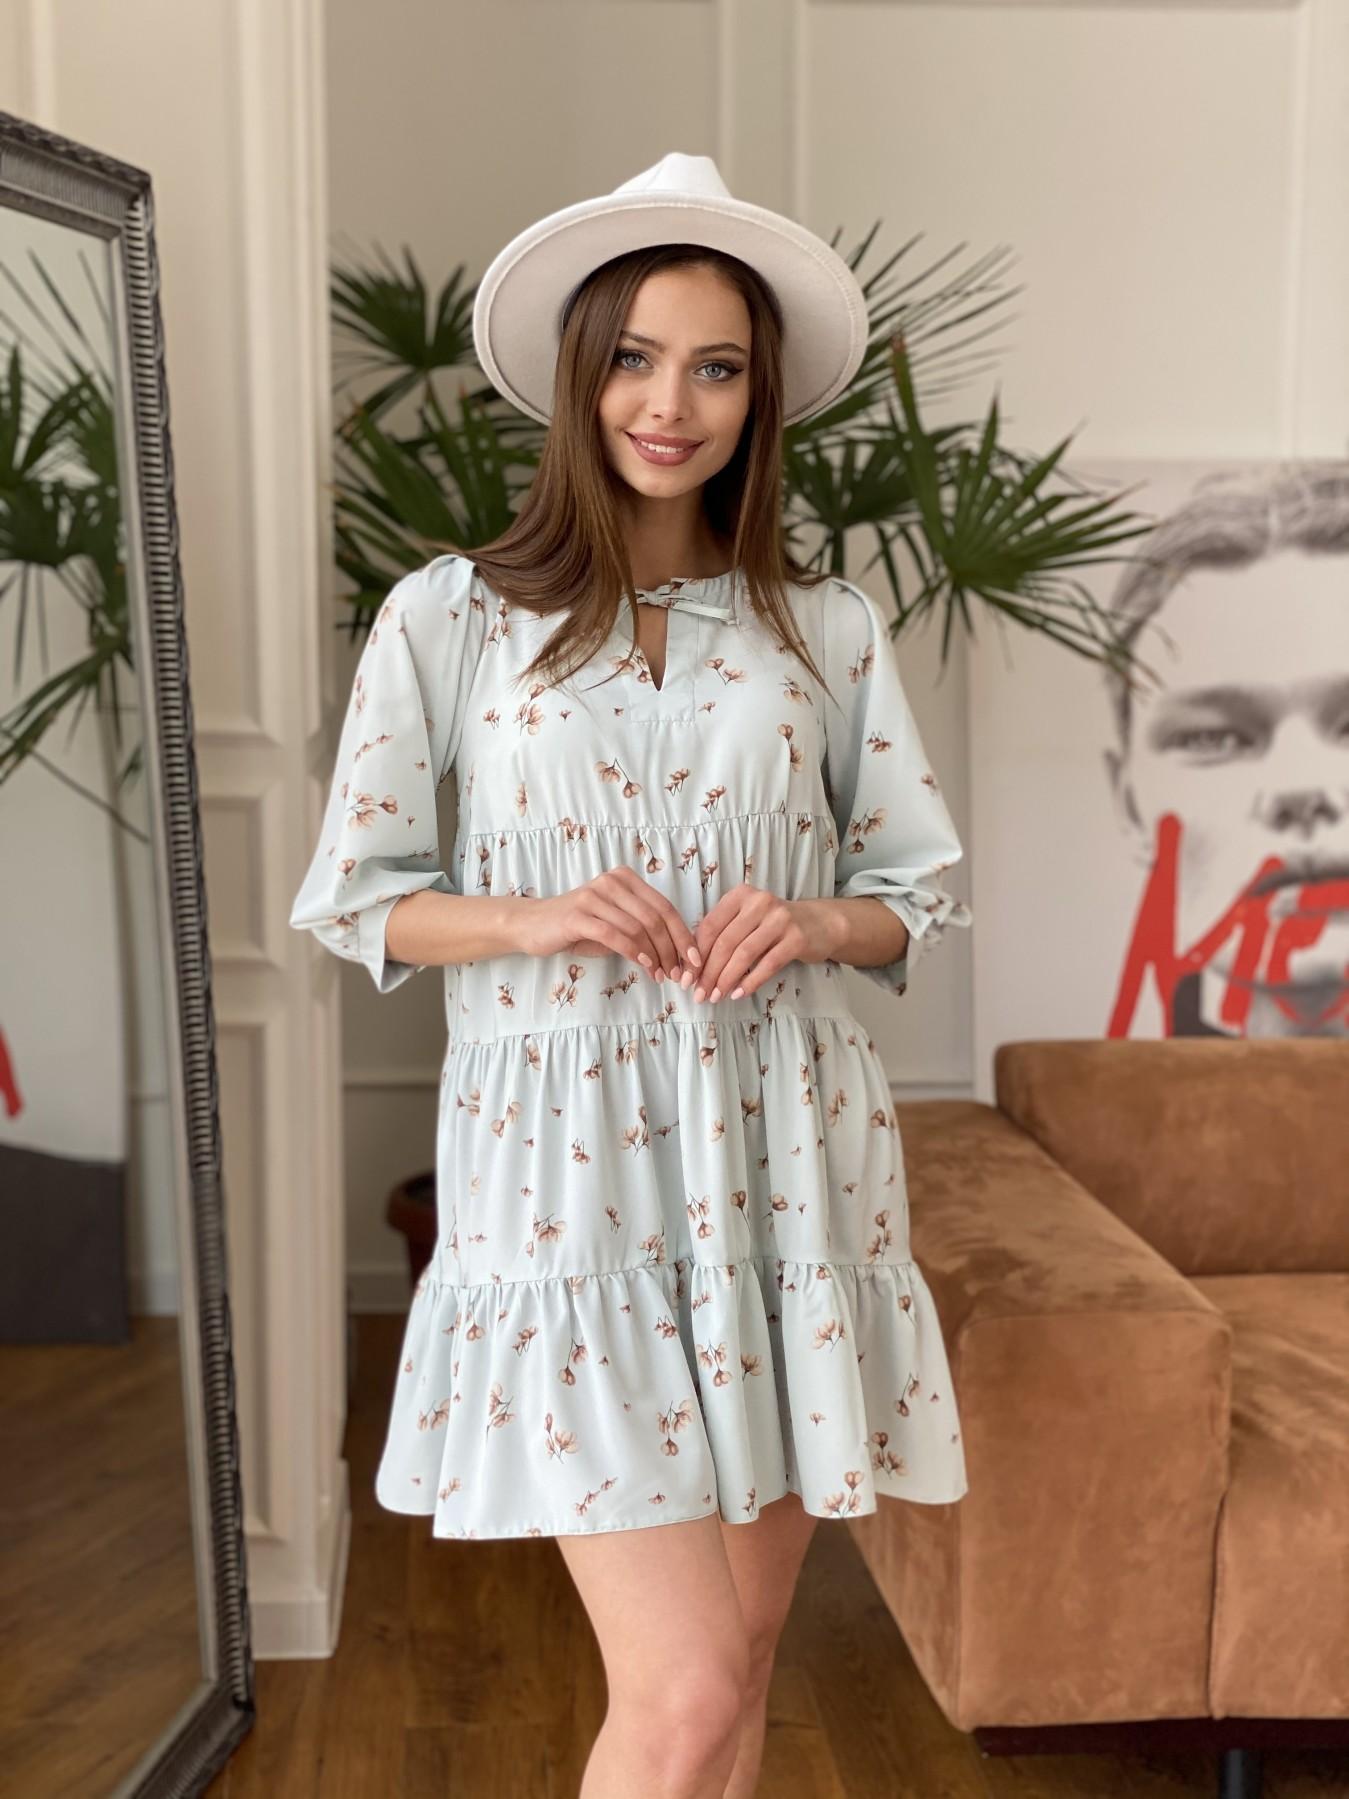 Нинель платье из софта с принтом 11114 АРТ. 47603 Цвет: МятаСв/БежЦветокМел - фото 3, интернет магазин tm-modus.ru